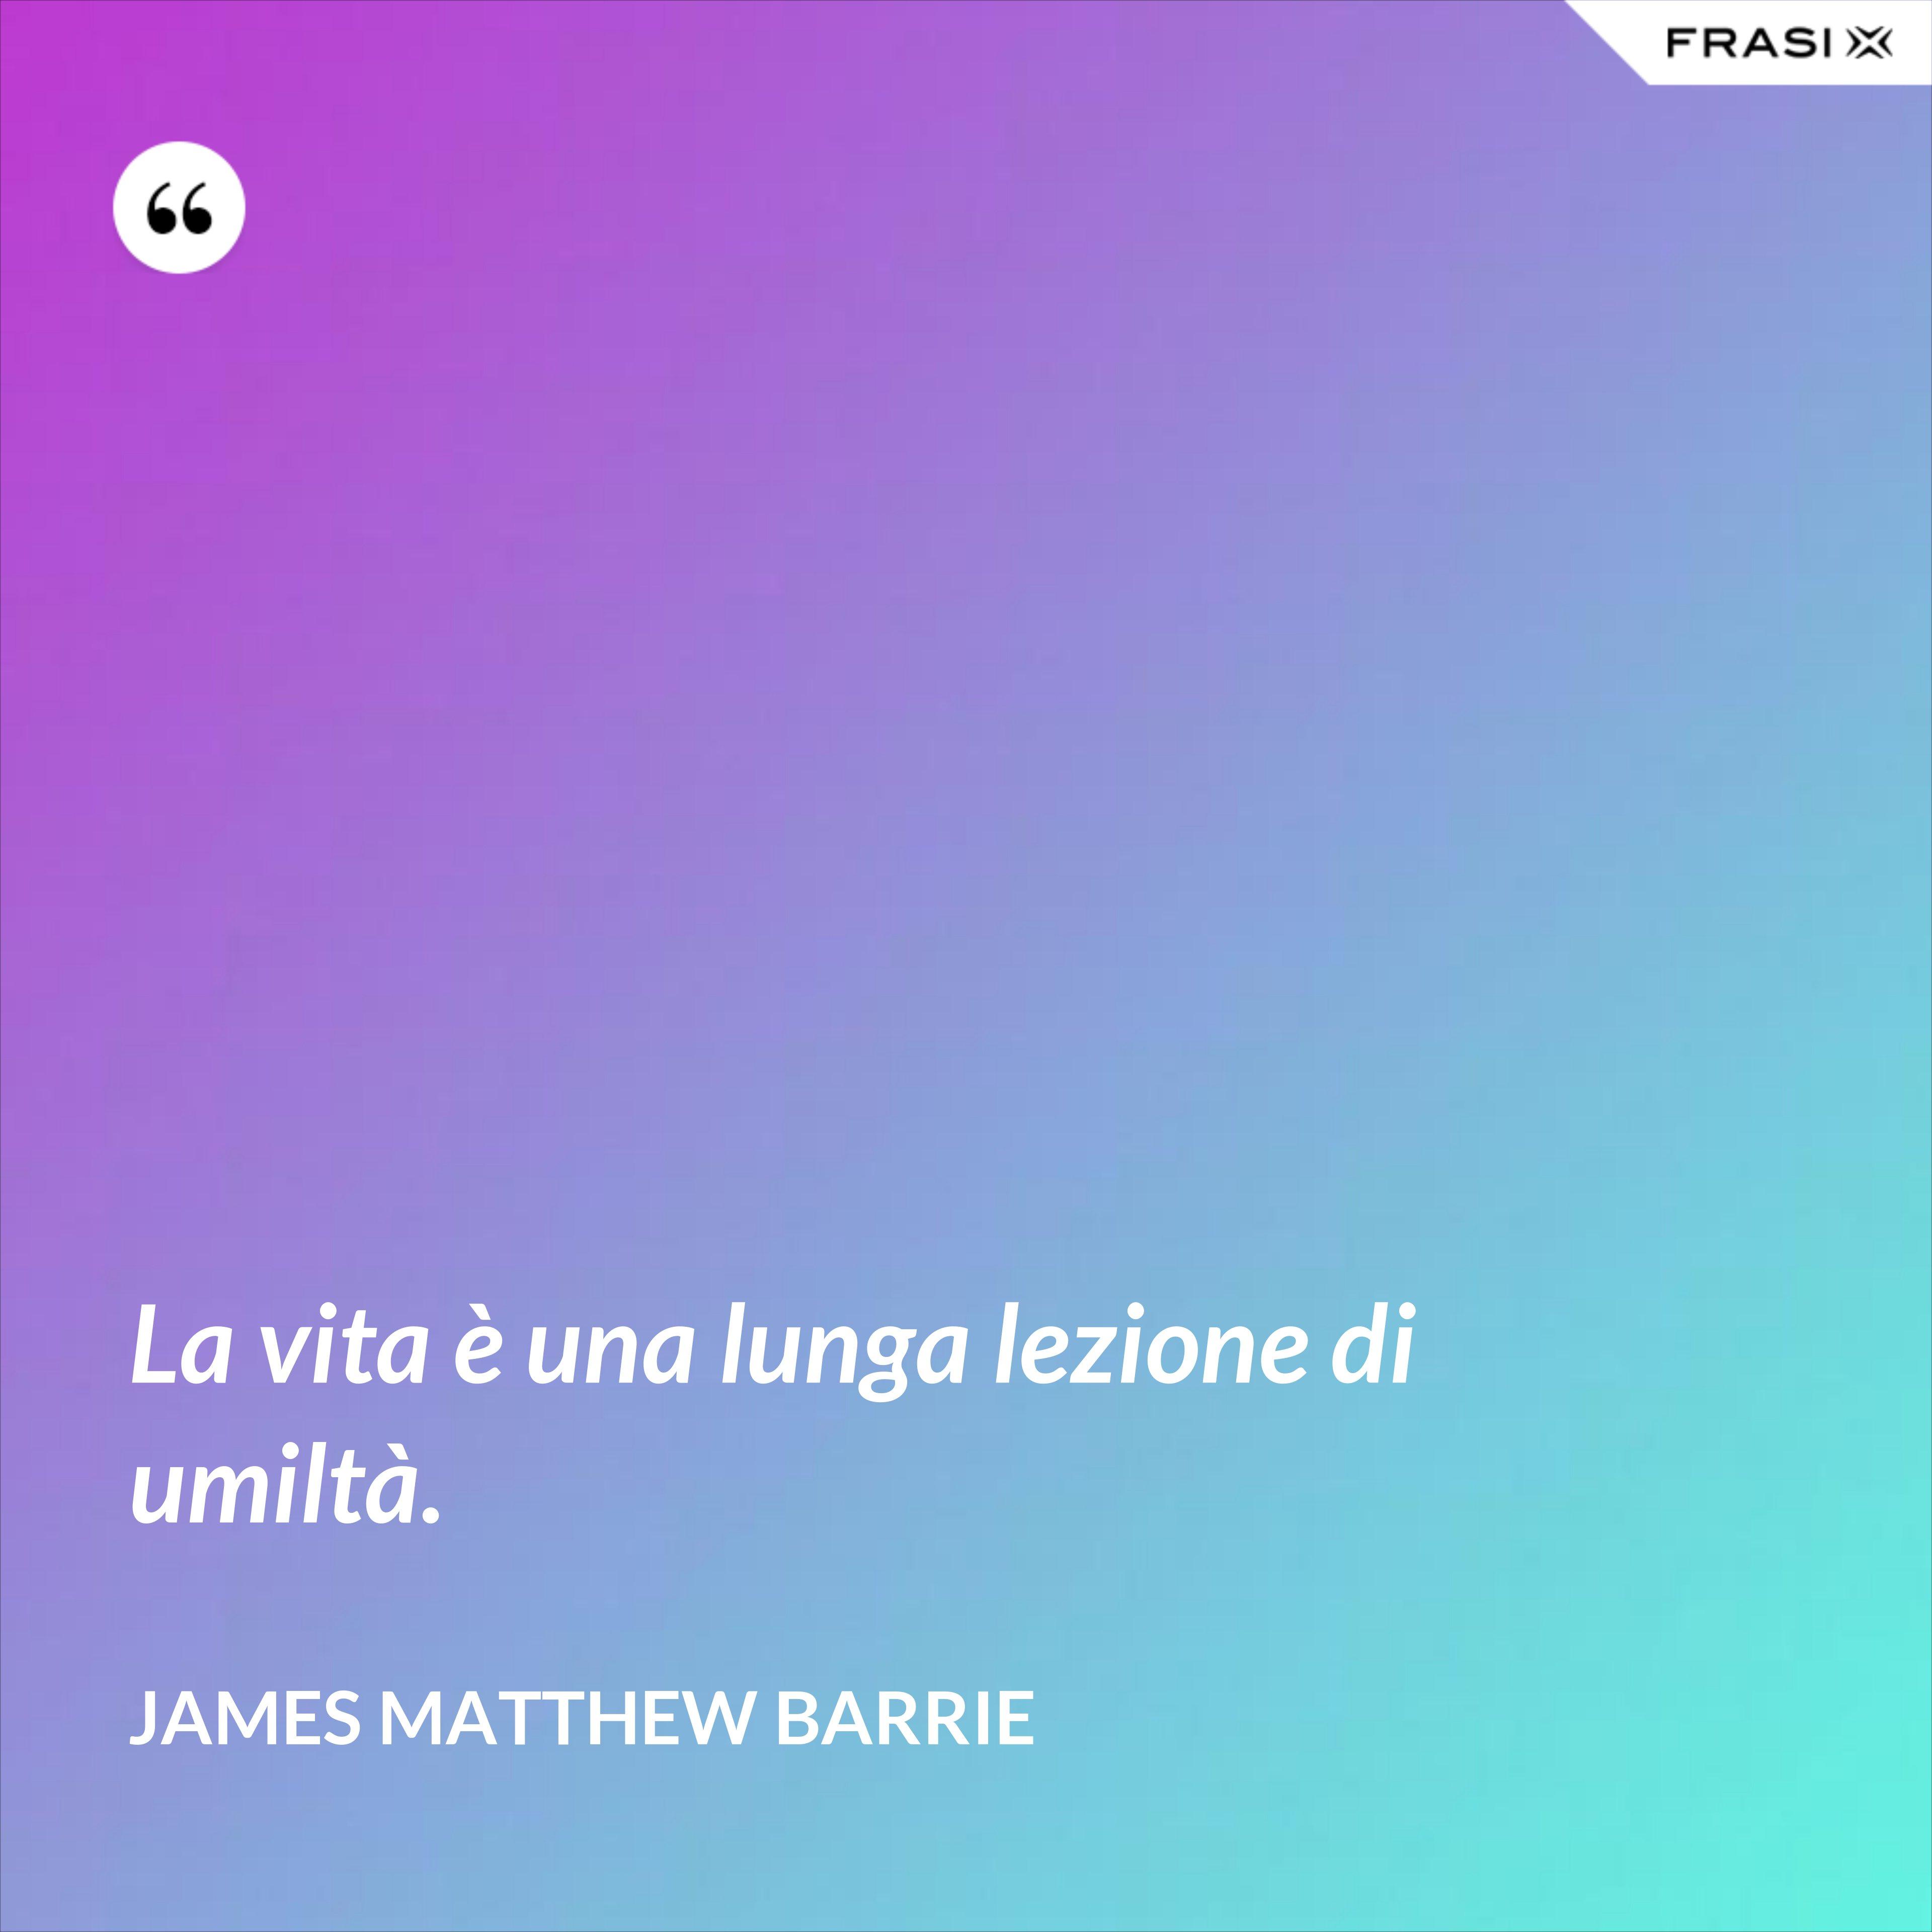 La vita è una lunga lezione di umiltà. - James Matthew Barrie